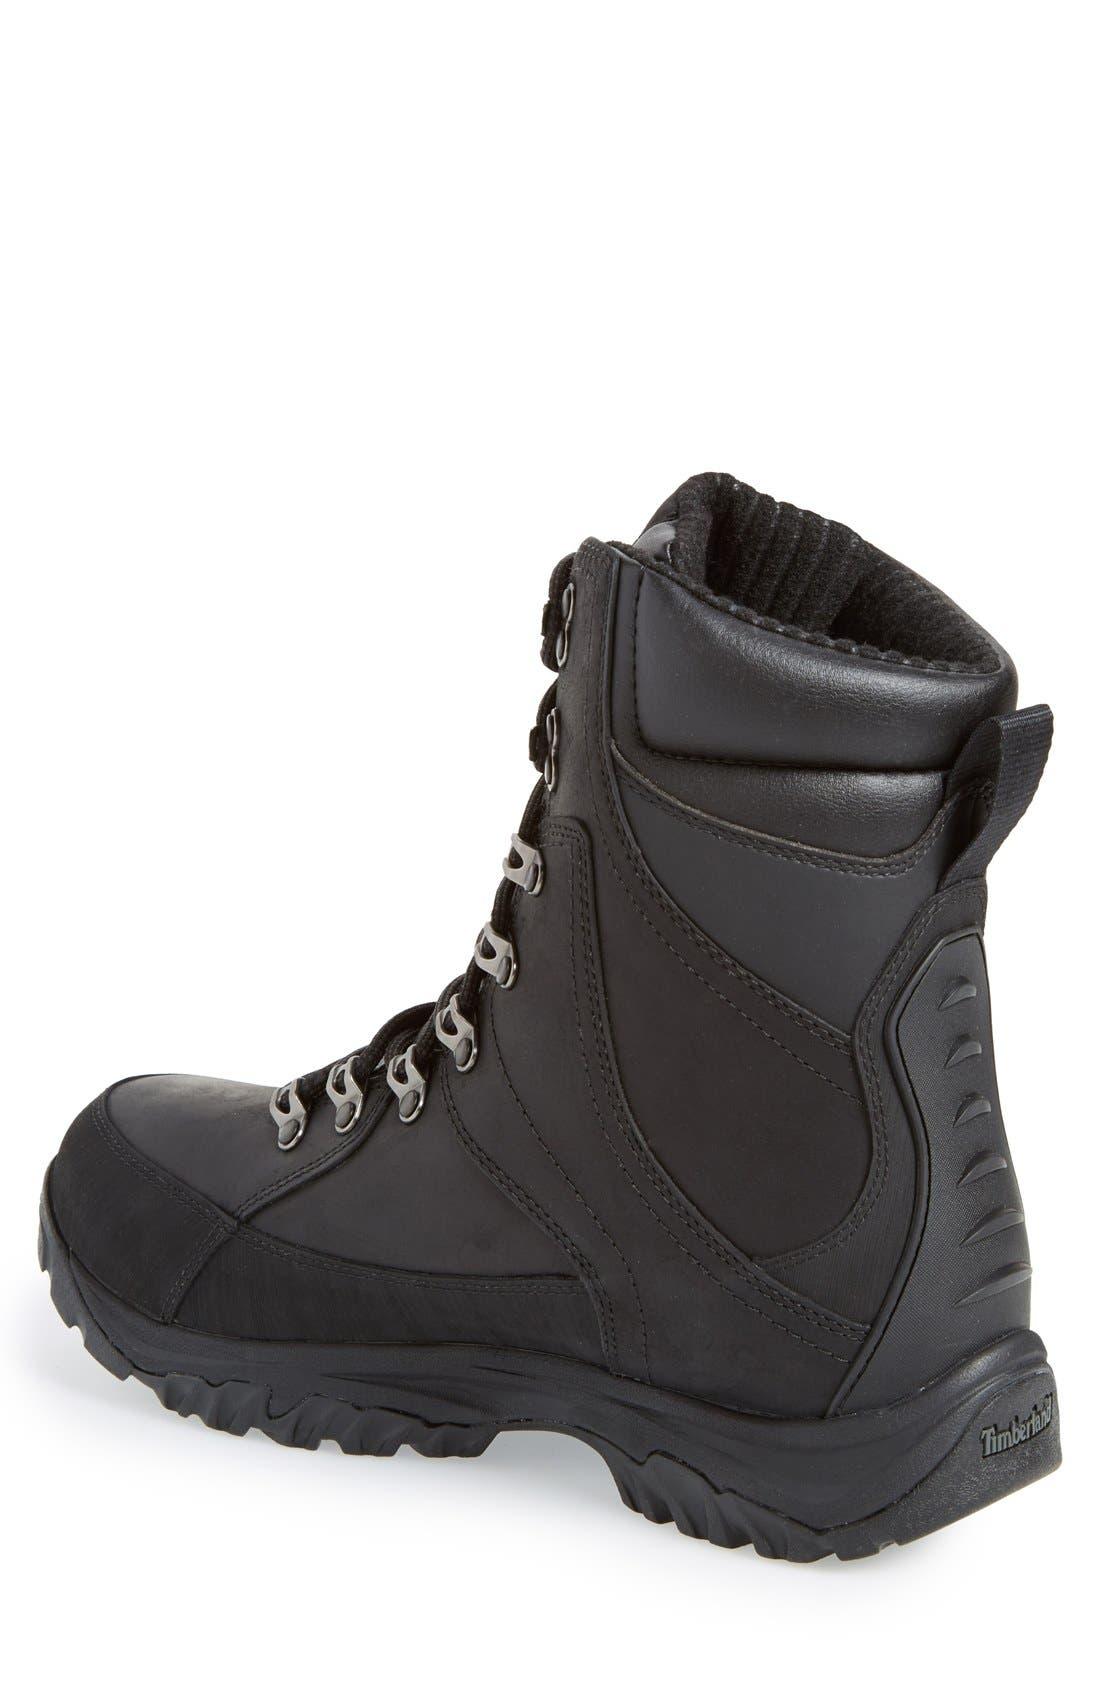 Alternate Image 2  - Timberland 'Thorton' Waterproof Hiking Boot (Men)